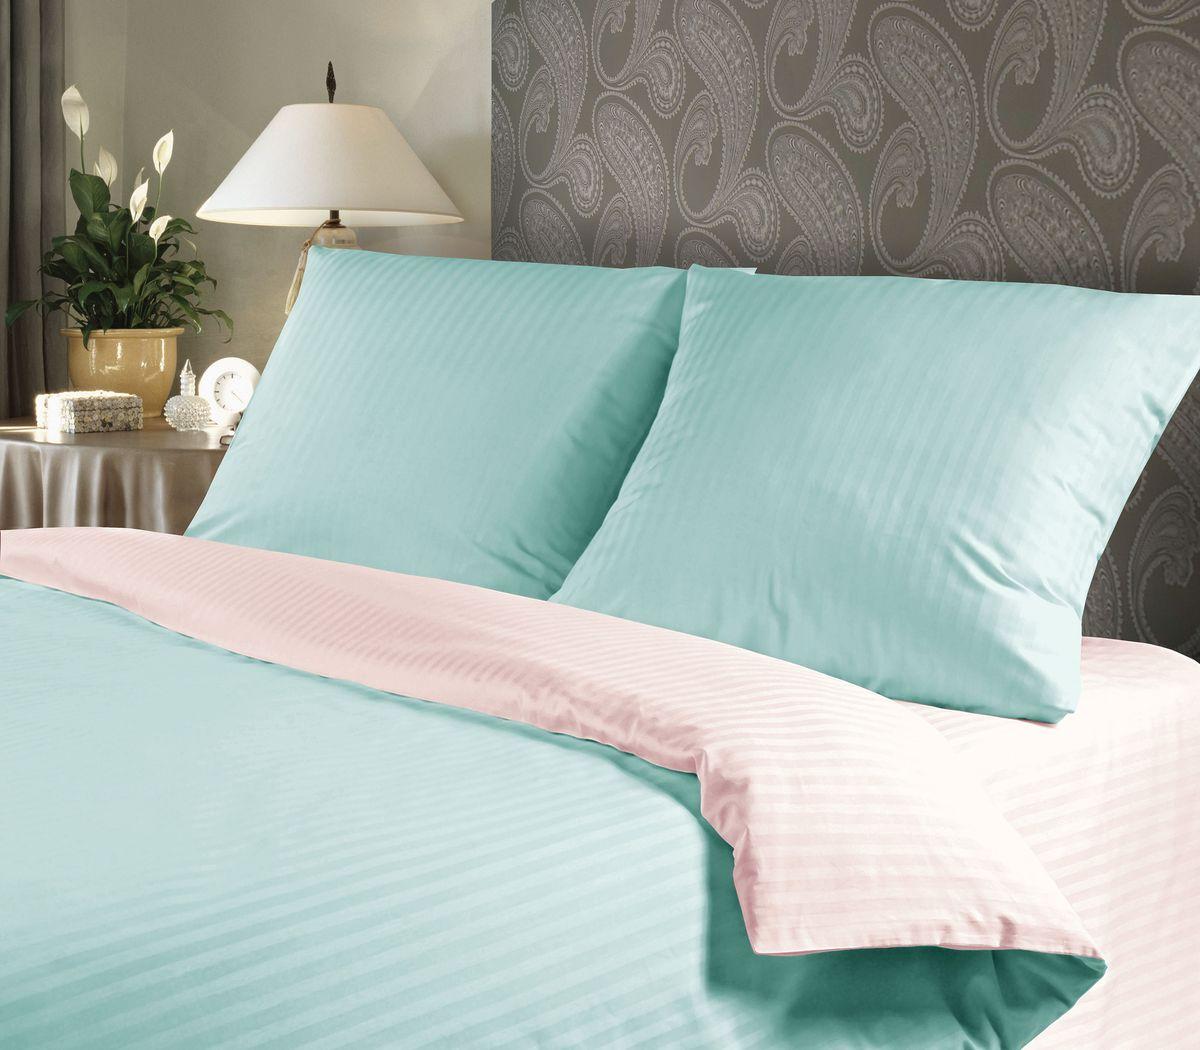 Комплект белья Verossa Sunset, 1,5-спальный, наволочки 70х70711208Комплект постельного белья включает в себя четыре предмета: простыню, пододеяльник и две наволочки, выполненные из страйп-сатина.Страйп-сатин - одна из разновидностей жаккардового сатина. Это ткань, плетение которой представляет собой чередующиеся полосы, отсюда и название материала: в переводе с английского stripe и есть полоска. Размер пододеяльника: 148 x 215 см.Размер простыни: 180 x 215 см.Размер наволочек: 70 x 70 см.